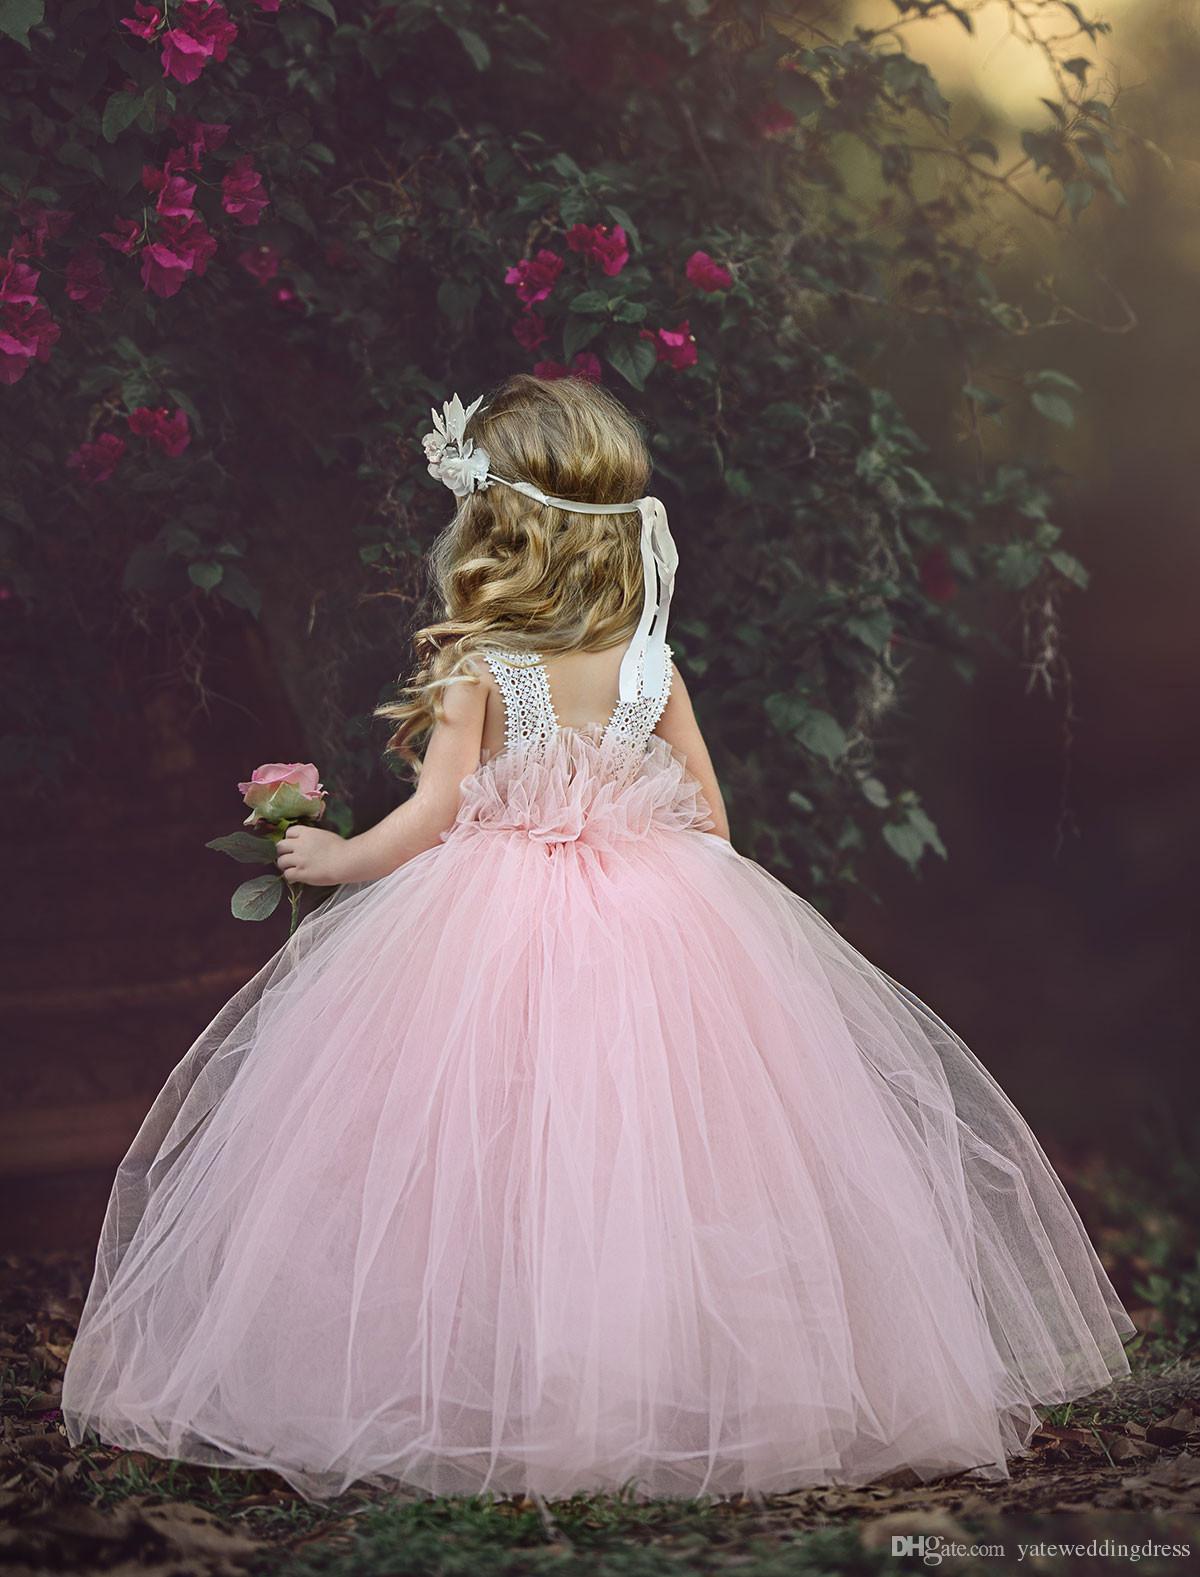 Açık Pembe Çiçek Kız Elbise Scoop Boyun Çizgisi Kolsuz Doğum Günü Elbise Geri Fermuar Balo El Yapımı Çiçekler Katmanlı Custom Made Ile